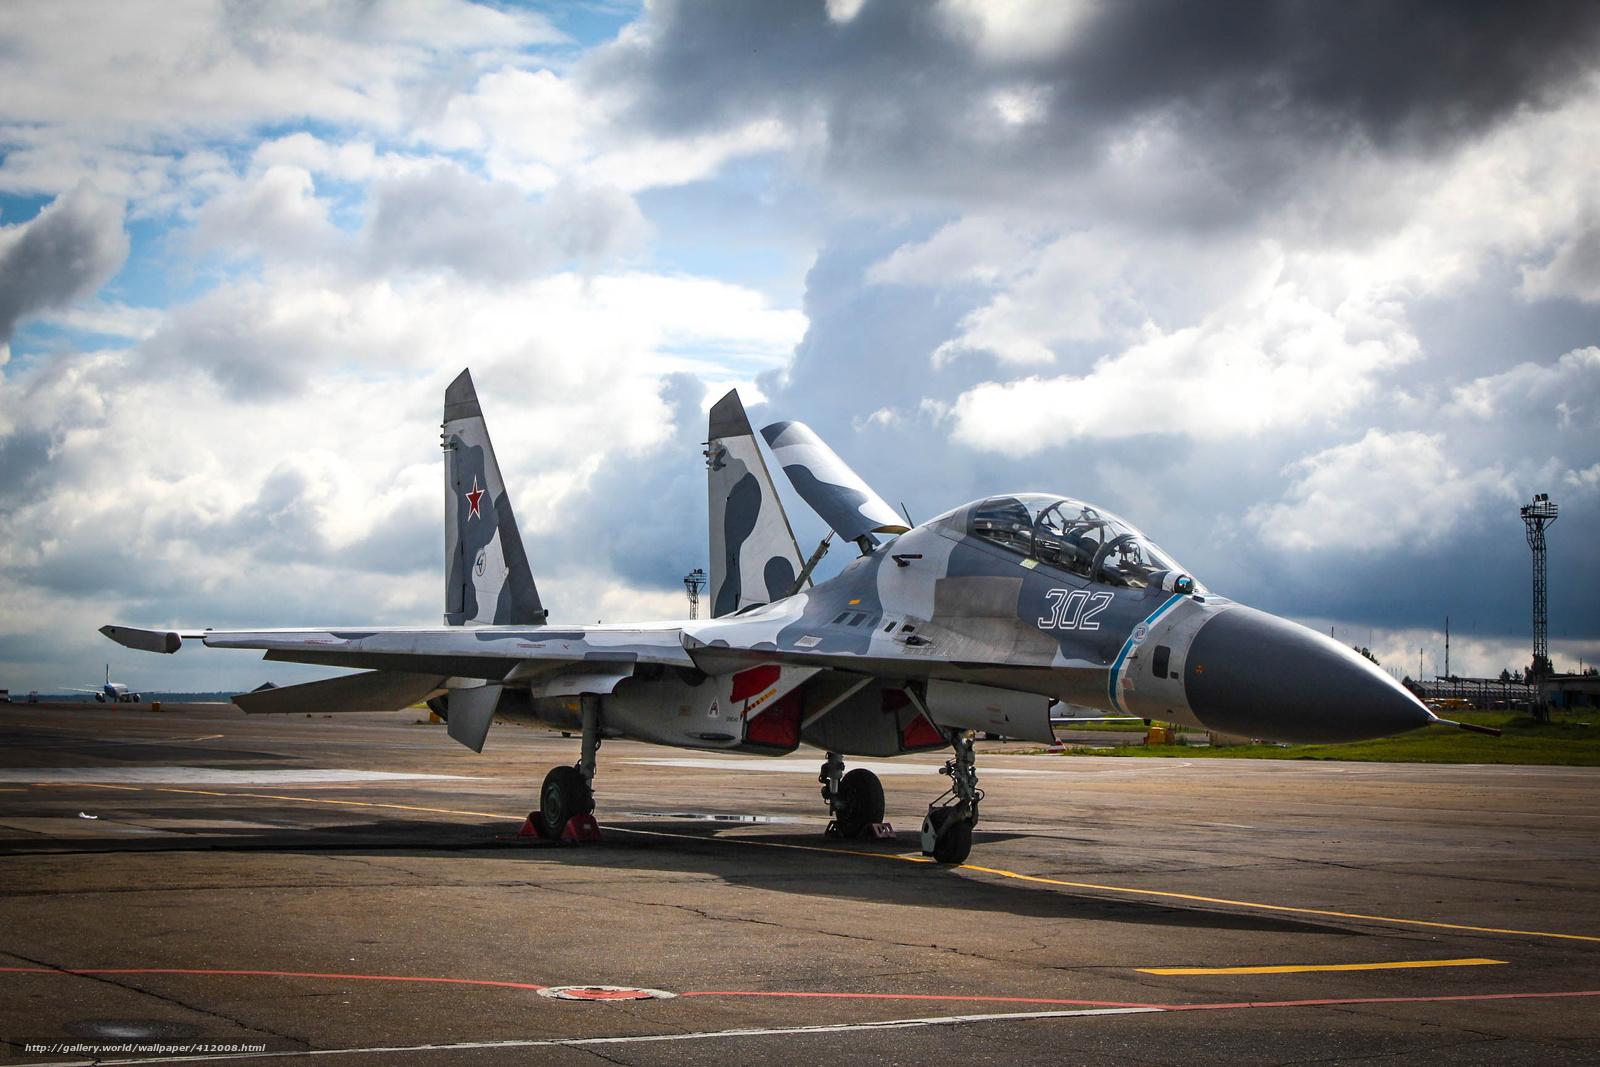 Скачать обои Sukhoi,  Su-27,  су-27сухой,  небо бесплатно для рабочего стола в разрешении 2592x1728 — картинка №412008